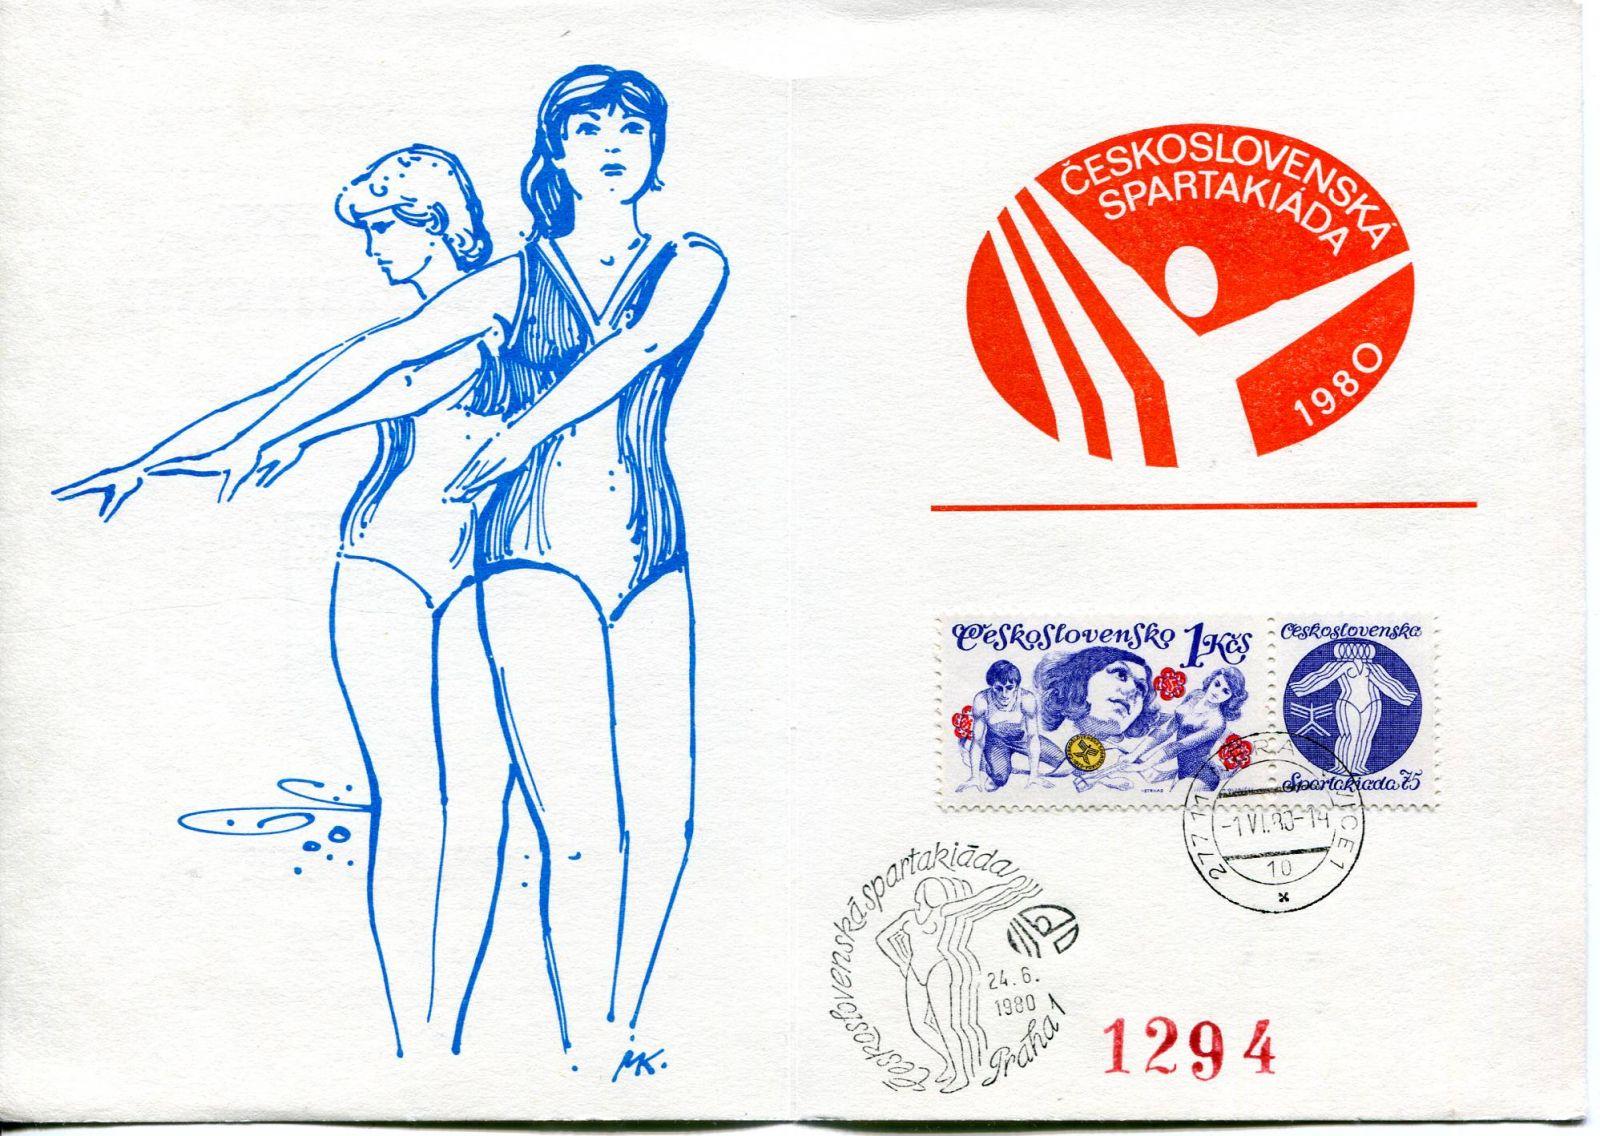 (1980) Pamětní list (čísl. 1294) - Okresní spartakiáda Mělník - Neratovice 1.6.1980 | www.tgw.cz